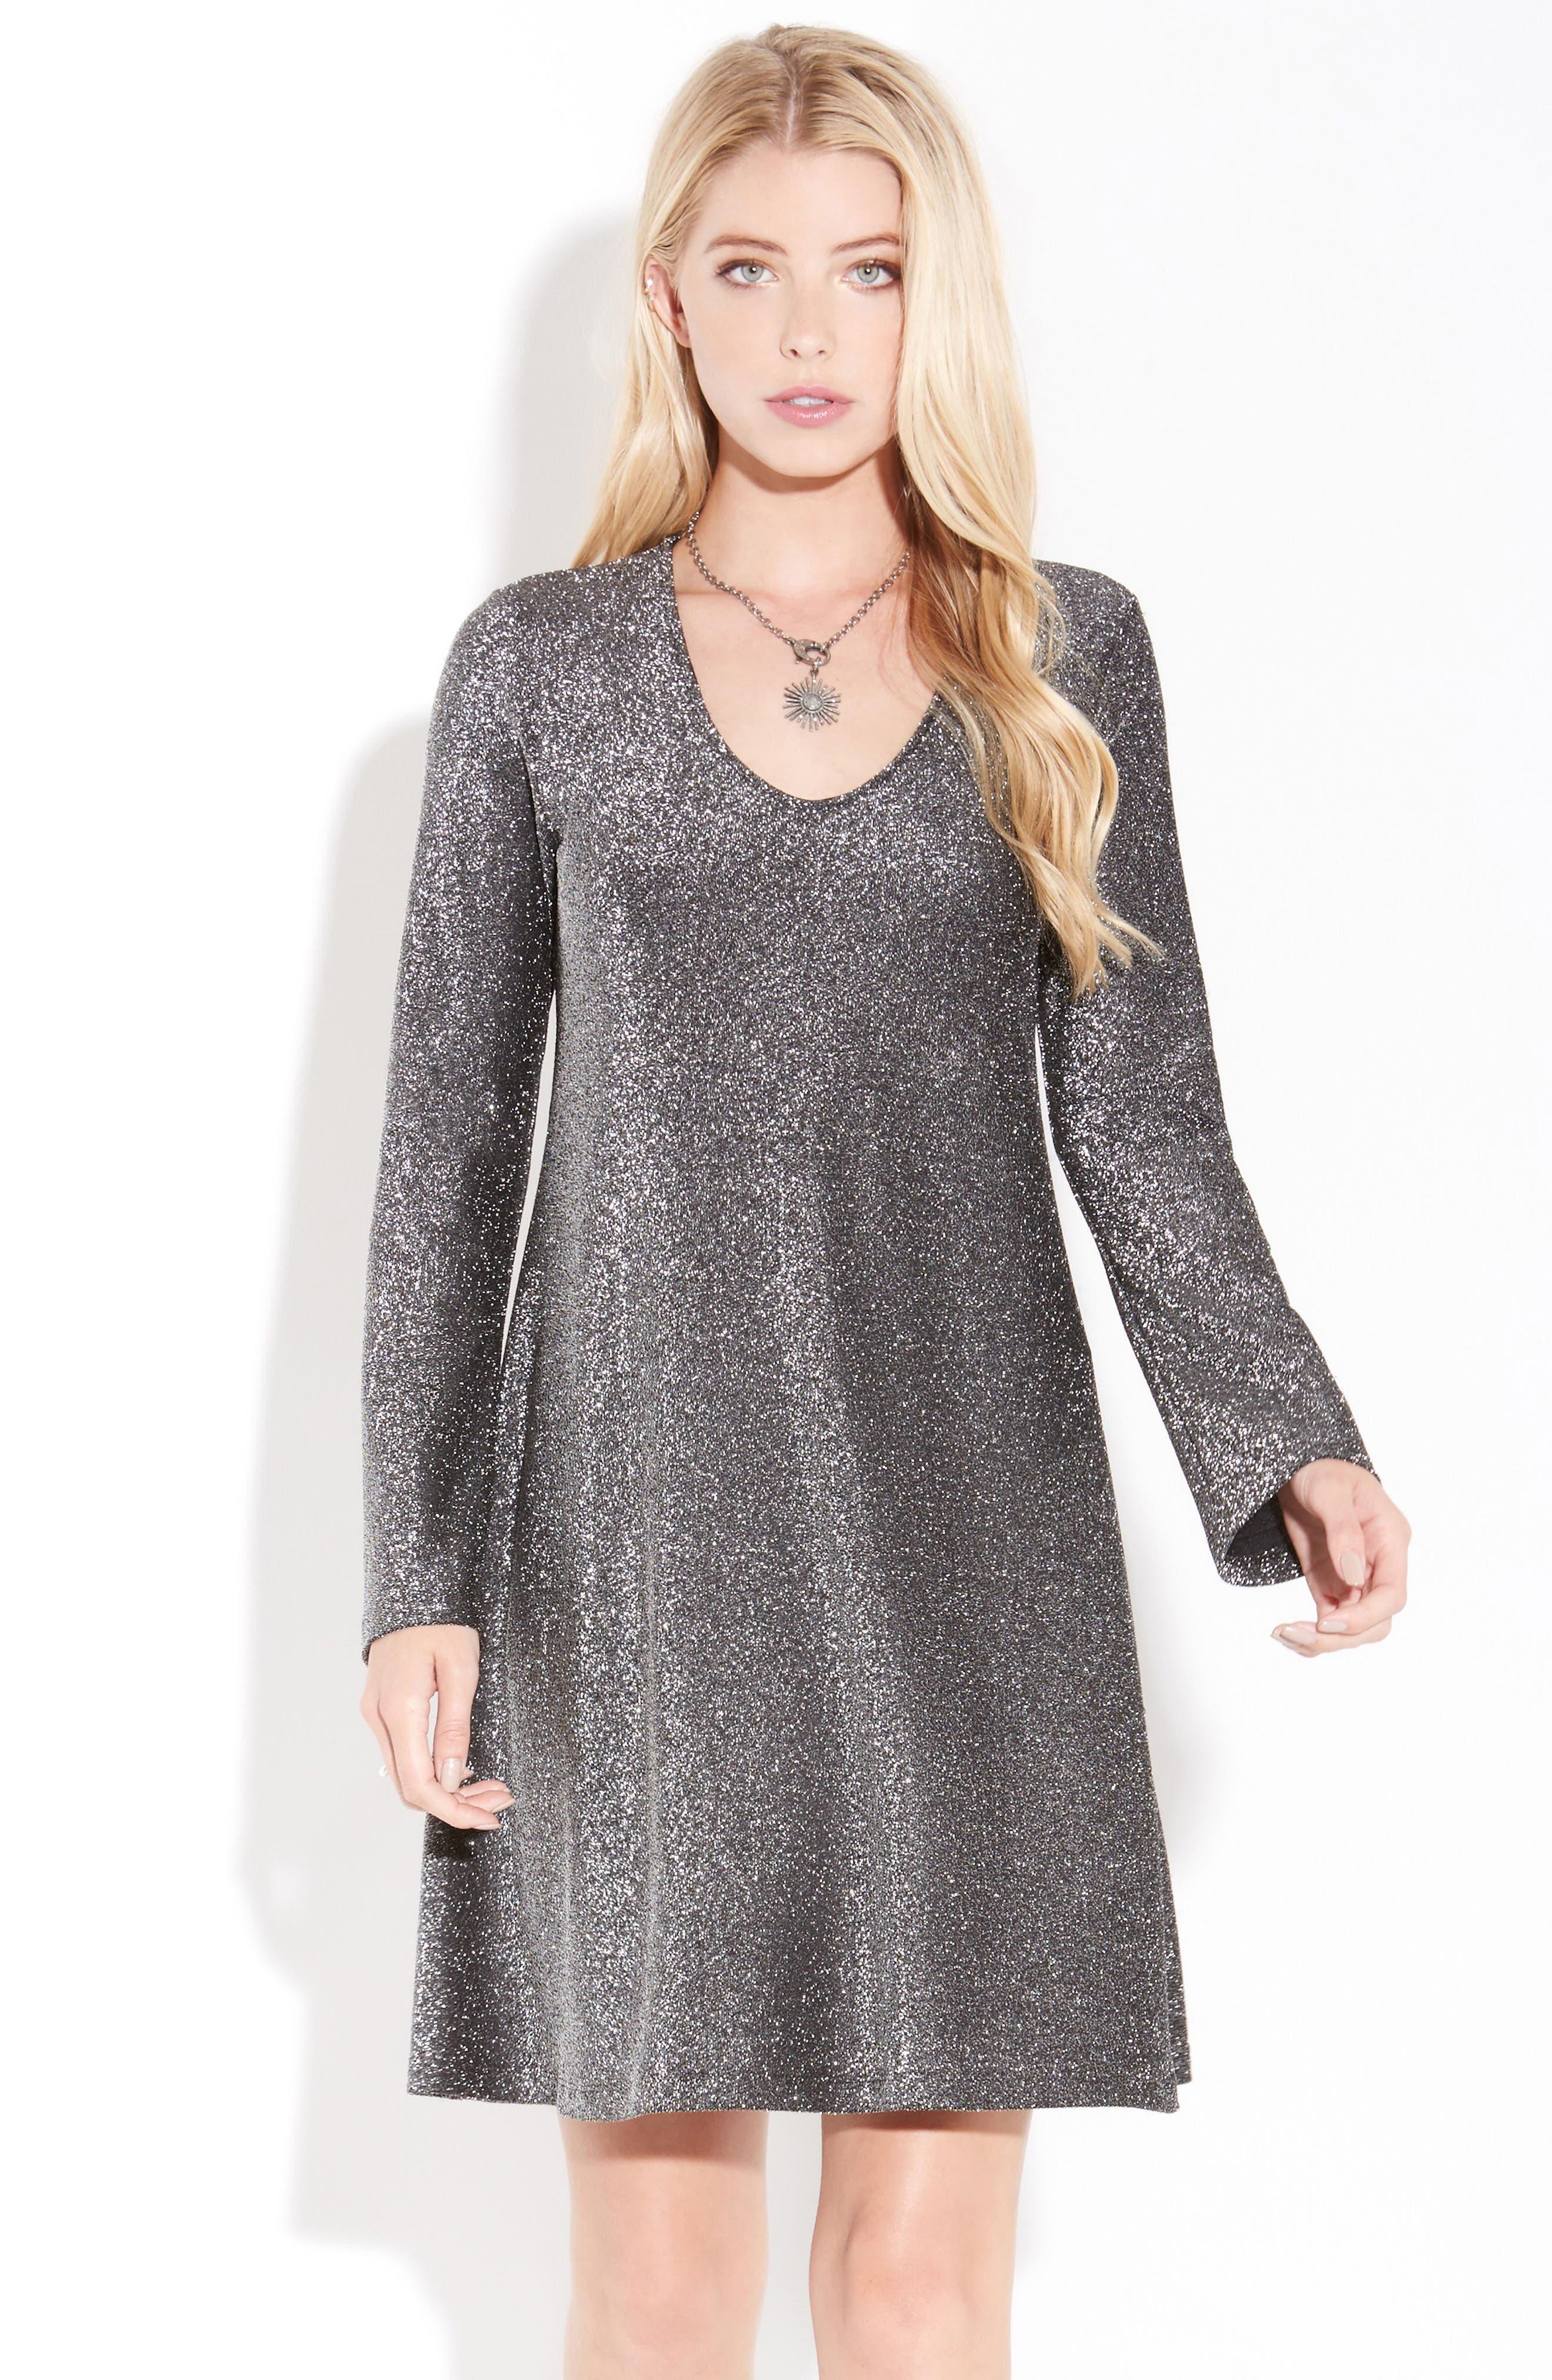 Taylor Sparkle A-Line Dress,                             Alternate thumbnail 4, color,